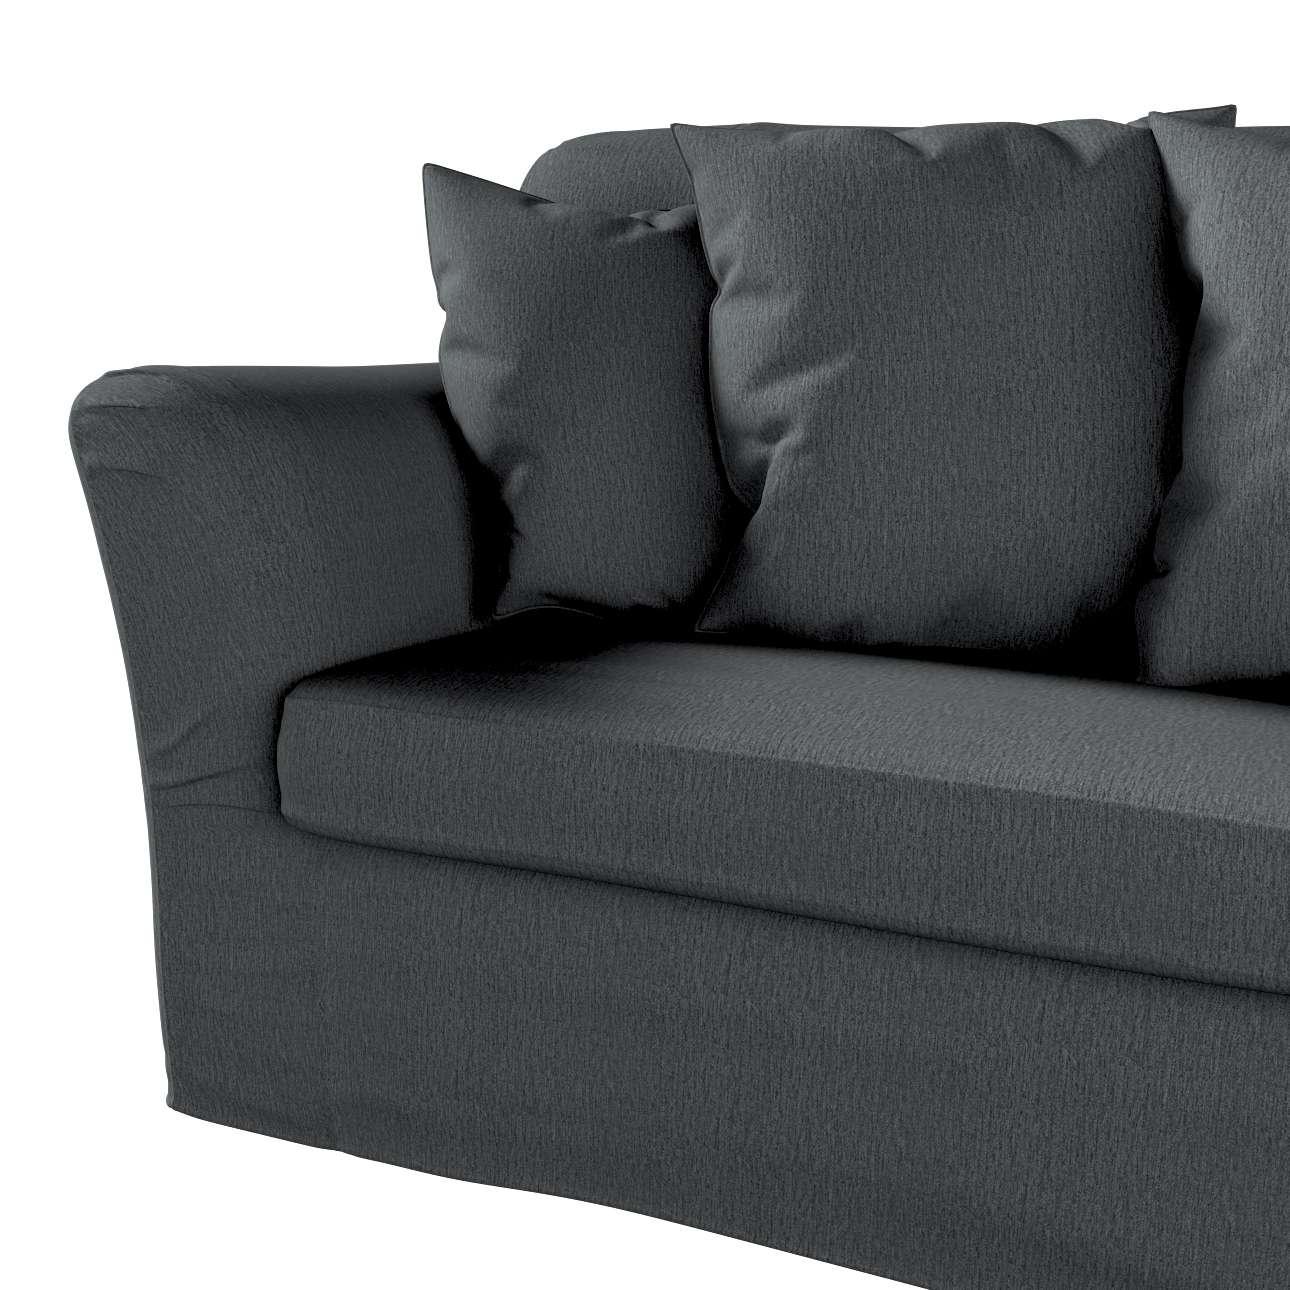 Pokrowiec na sofę Tomelilla 3-osobową rozkładaną w kolekcji Chenille, tkanina: 702-20